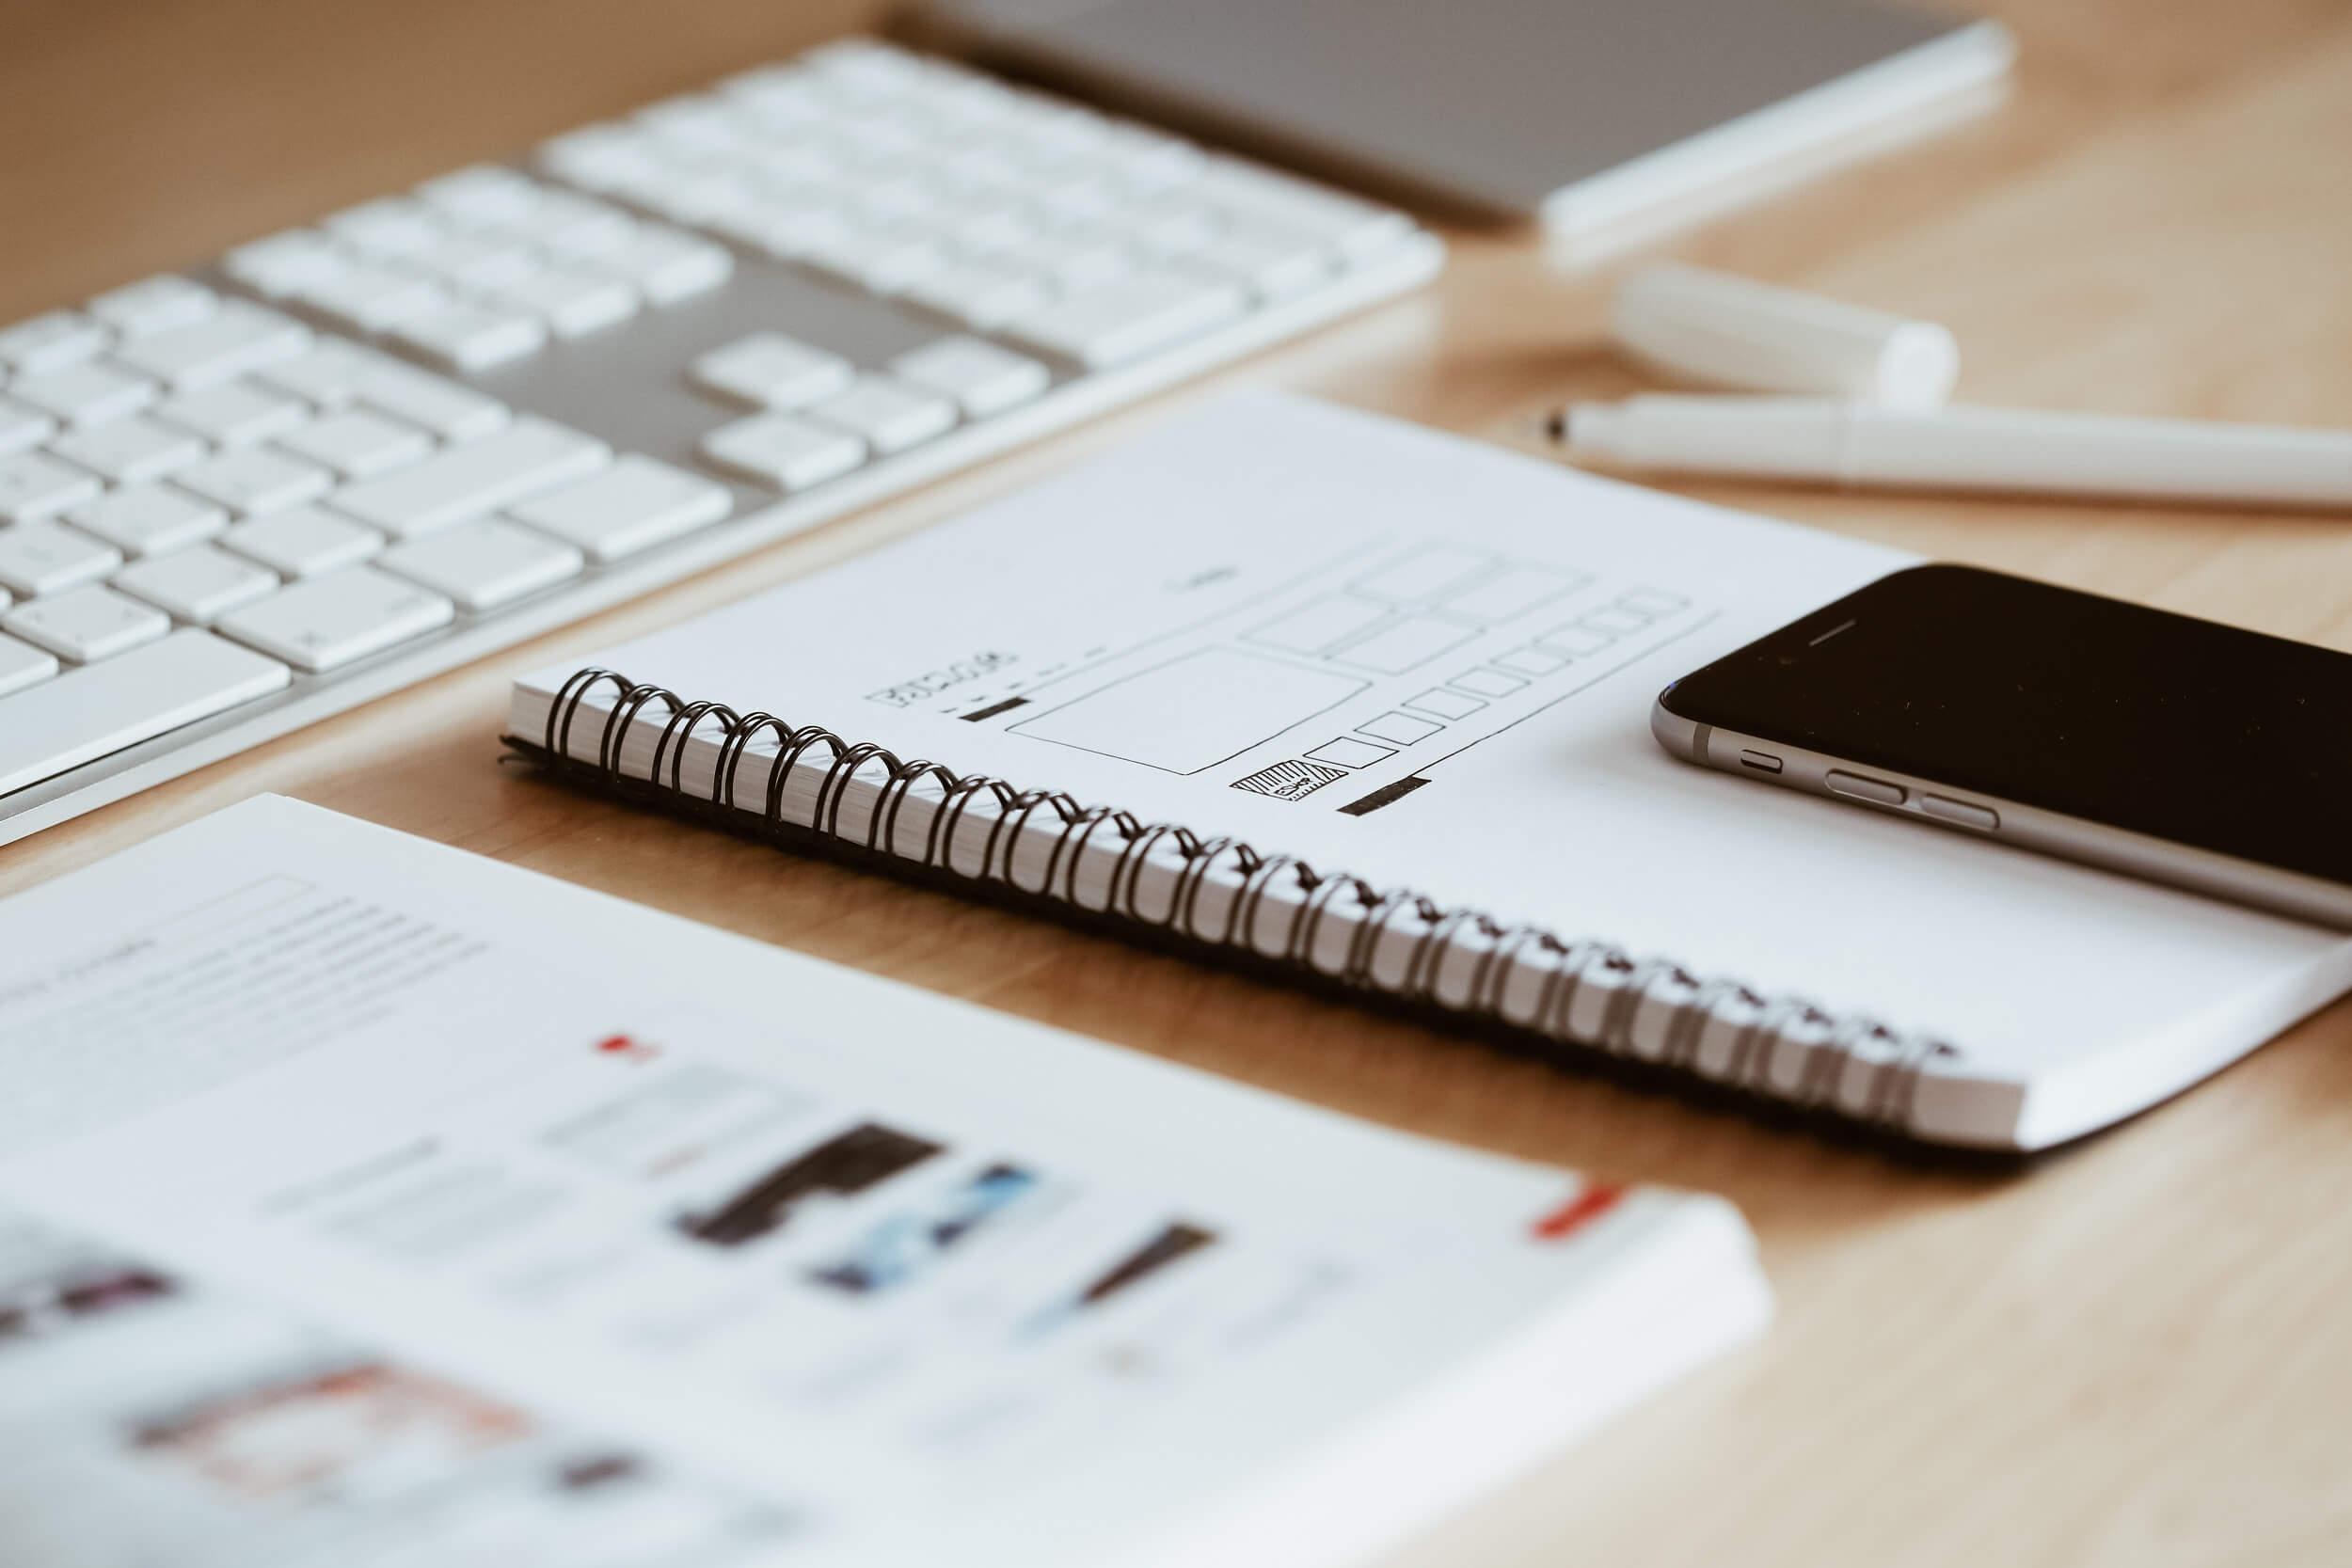 5 gute Gründe, warum Du ohne eine Virtuelle Assistenz nicht mehr arbeiten kannst!